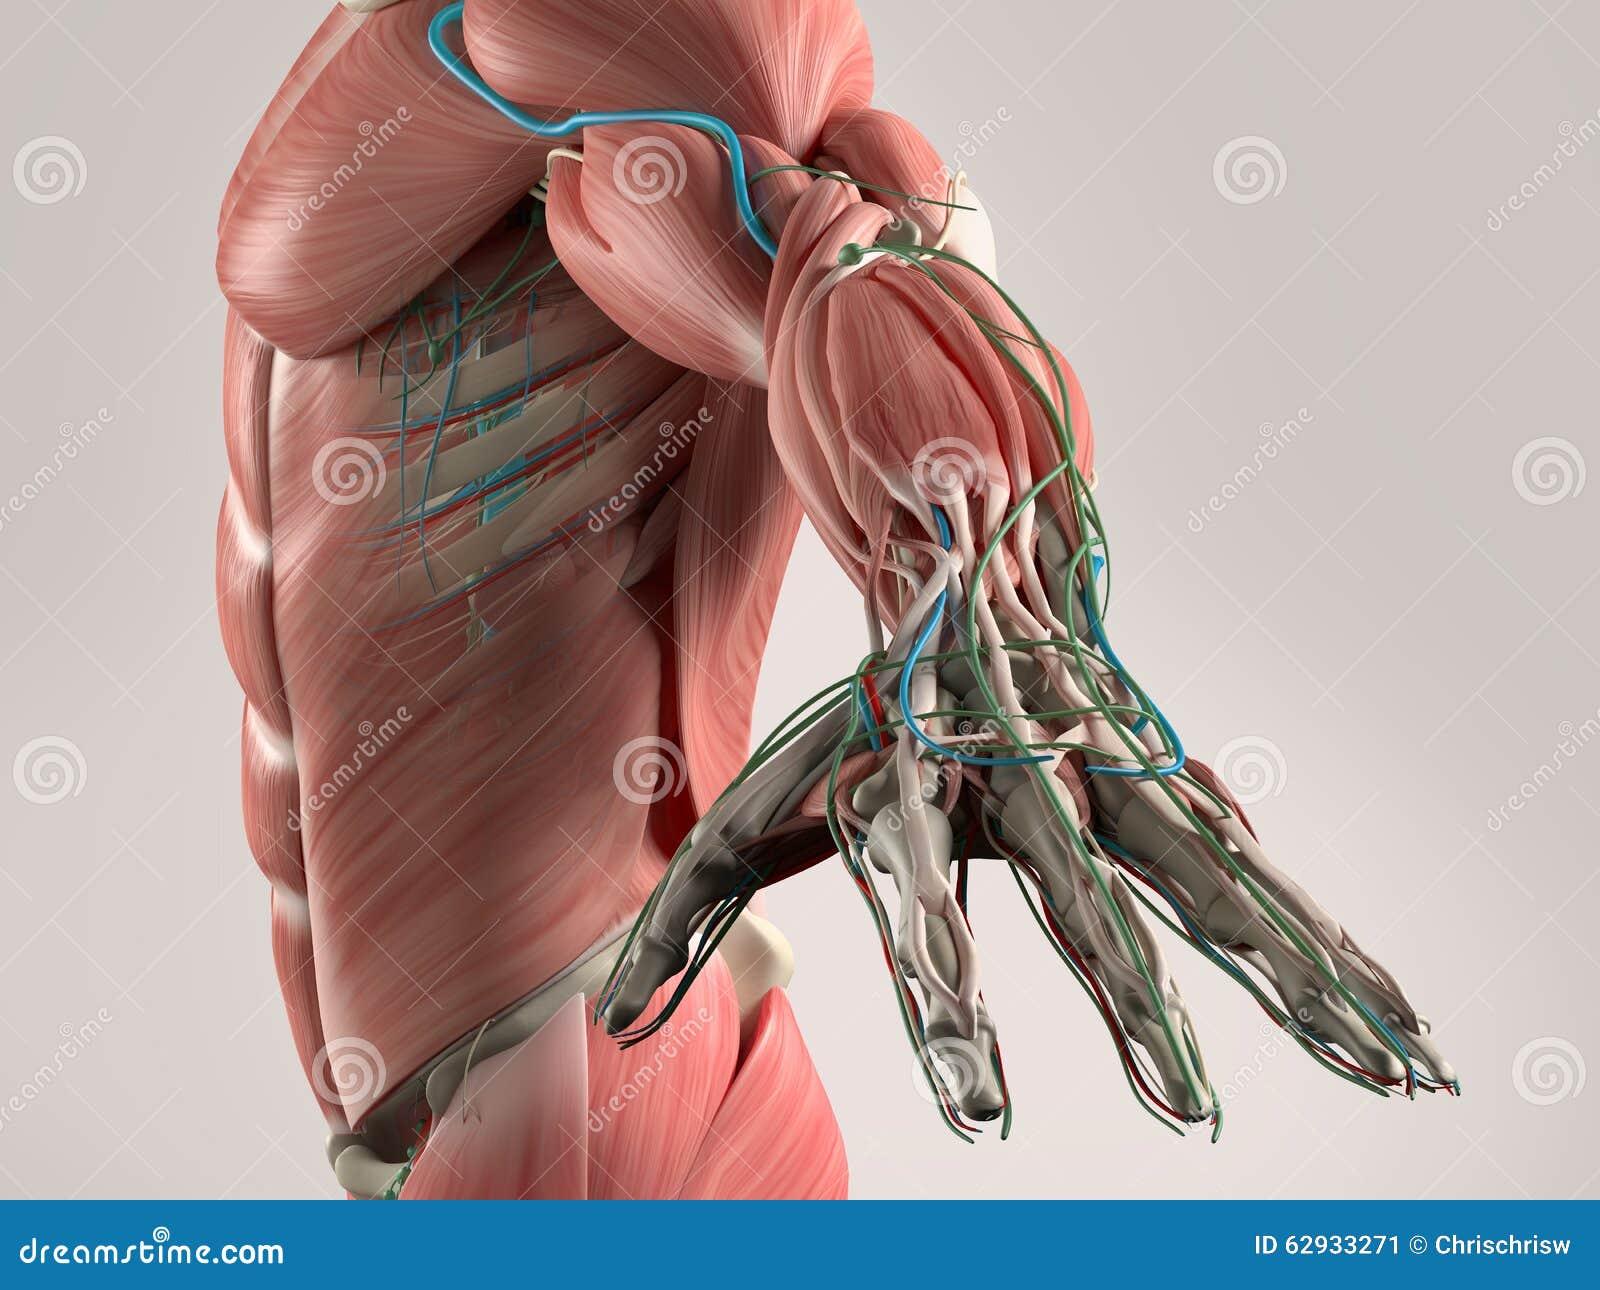 Opinión Humana De La Anatomía Del Torso Y Del Brazo Imagen de ...